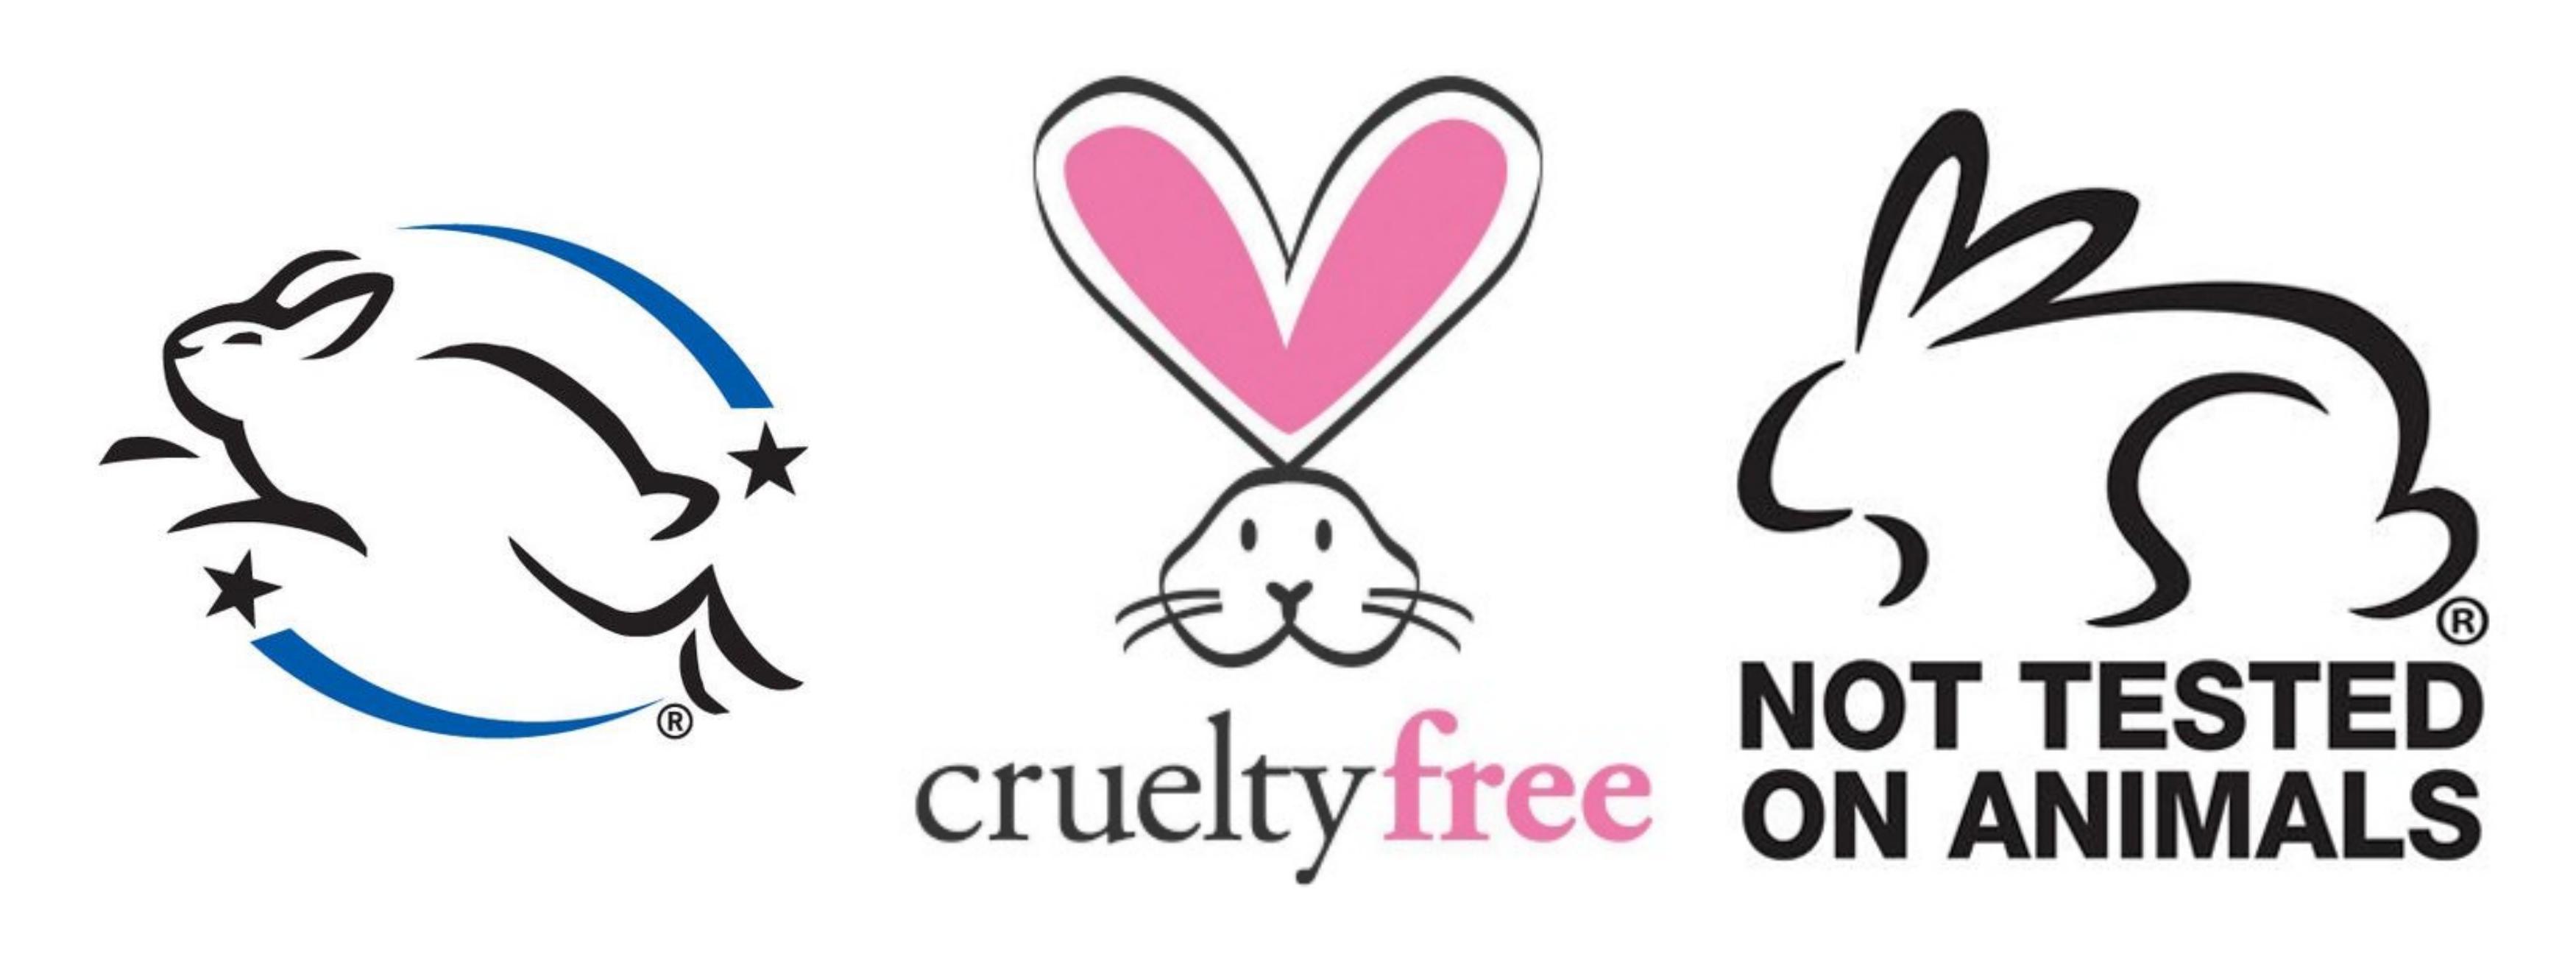 Resultado de imagem para cruelty-free logo